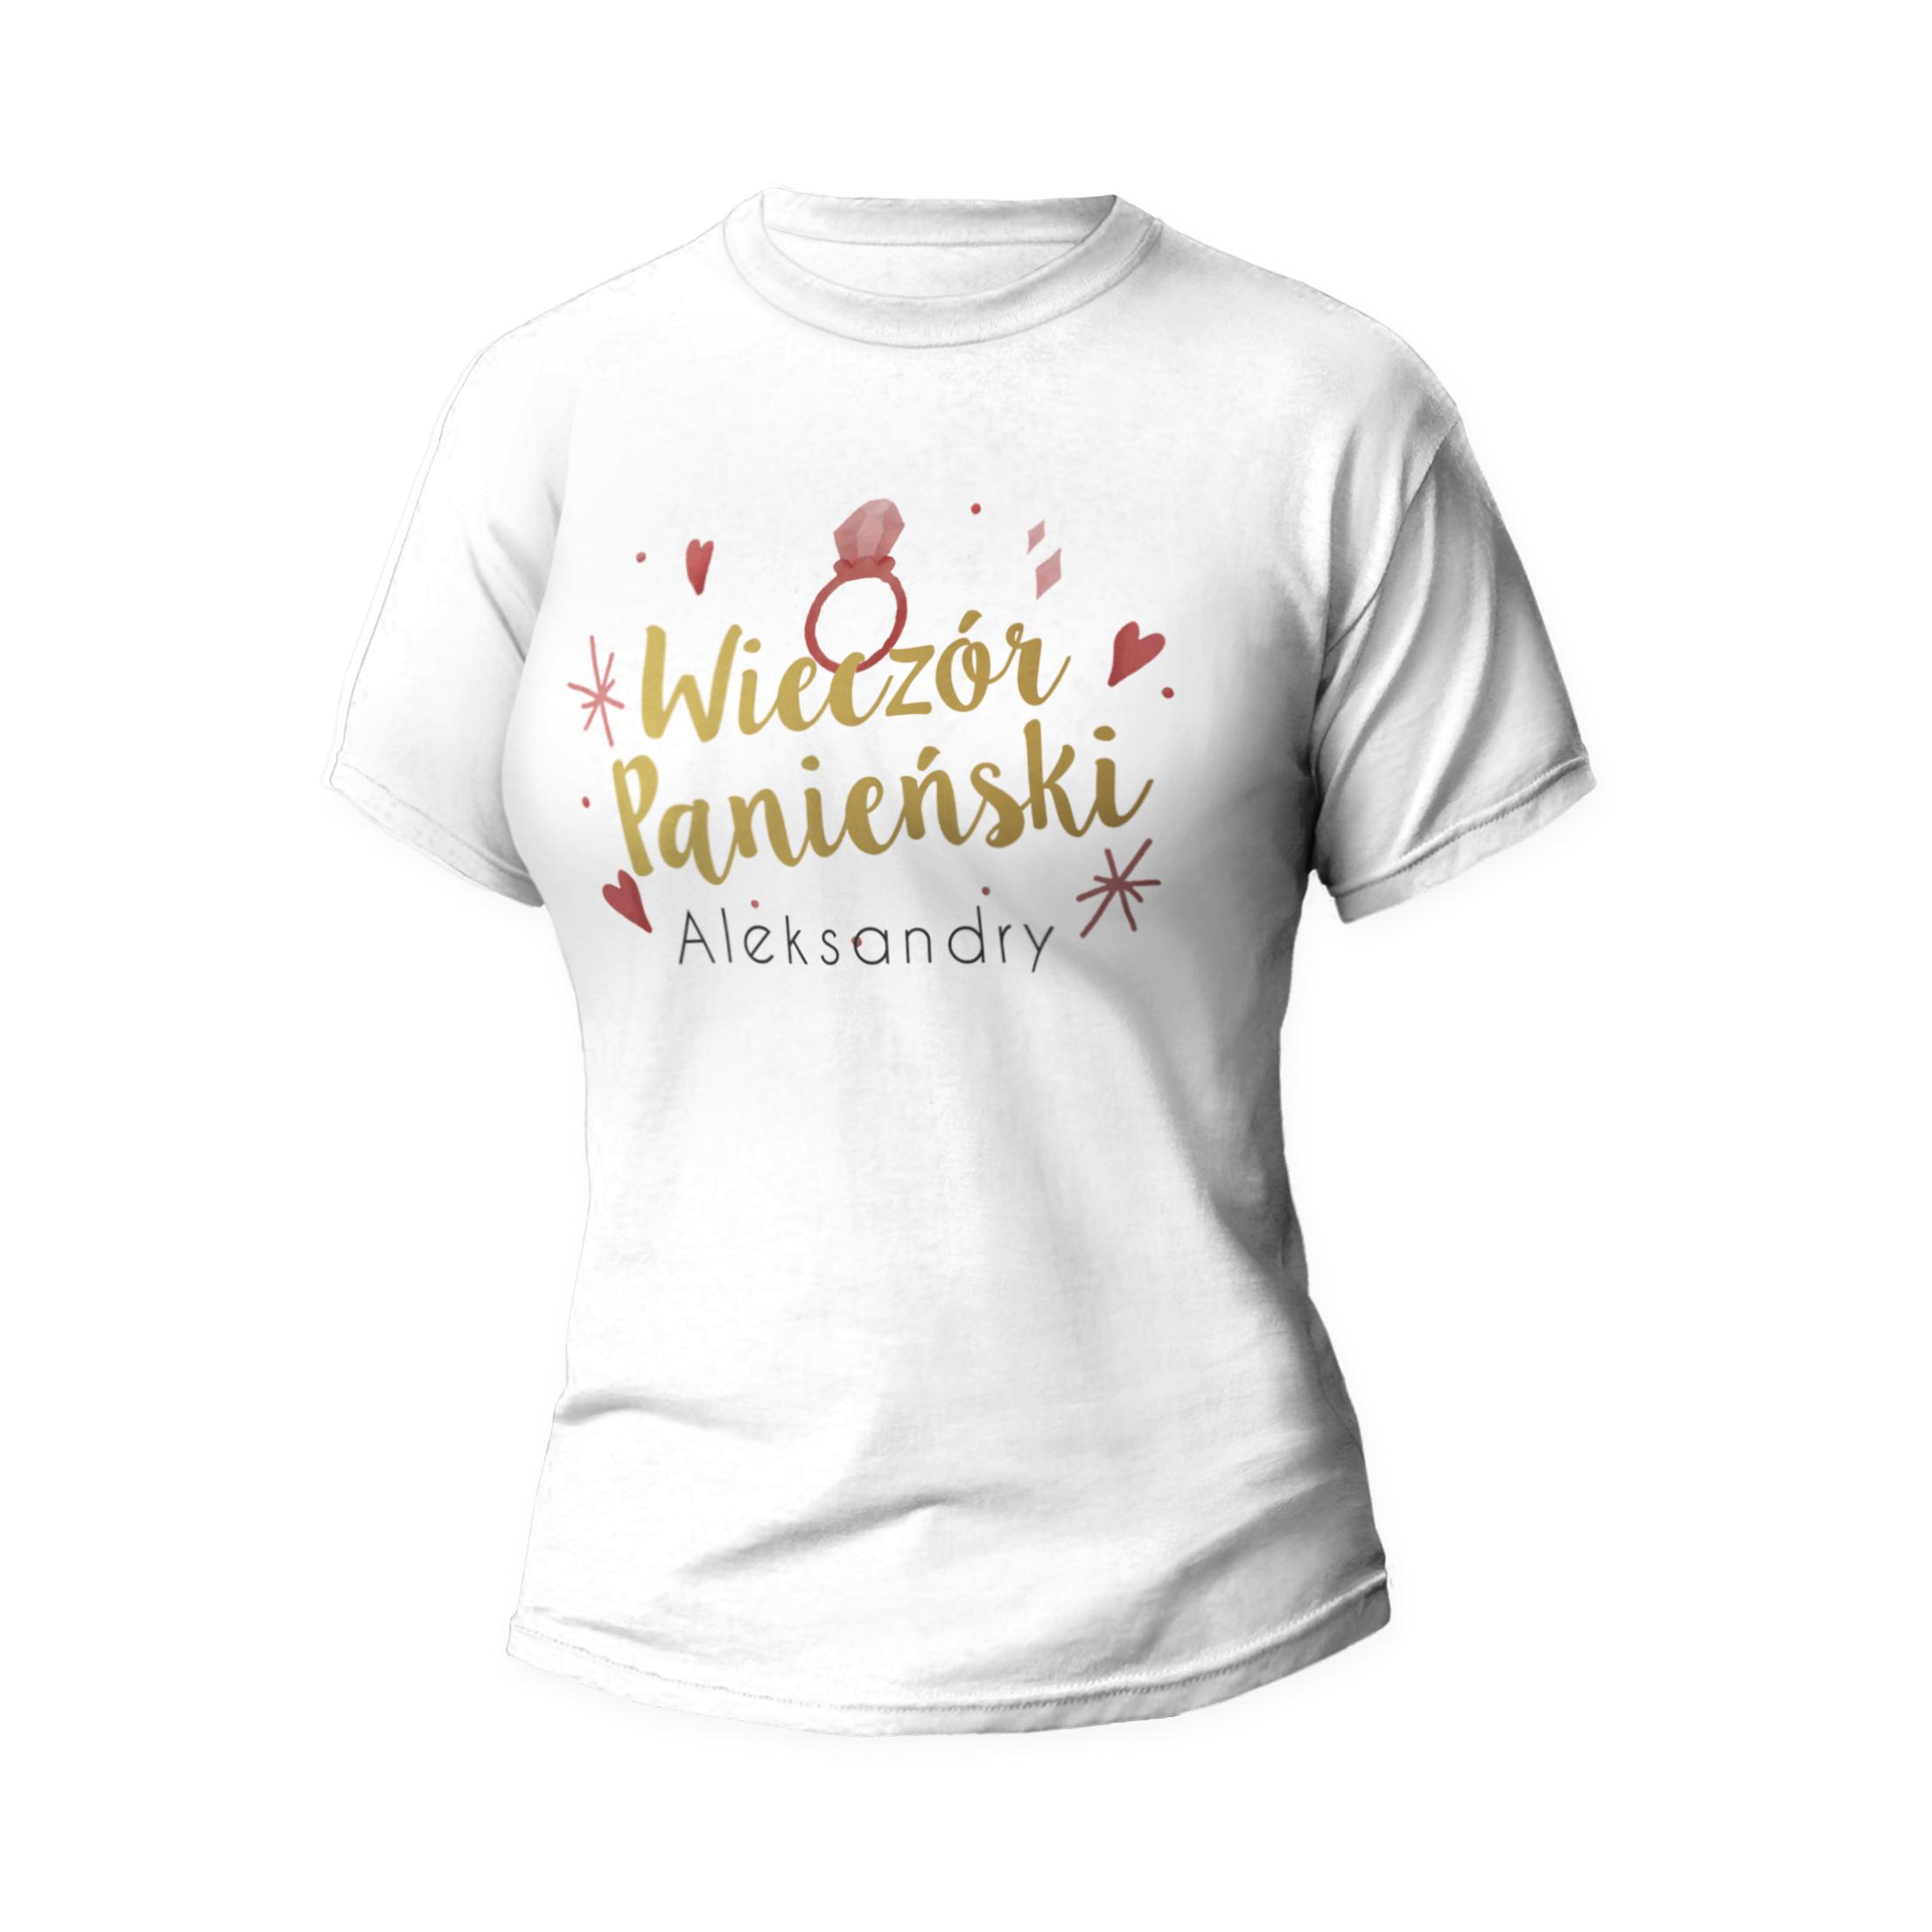 Rozmiar S - koszulka damska z własnym nadrukiem na wieczór panieński - biała